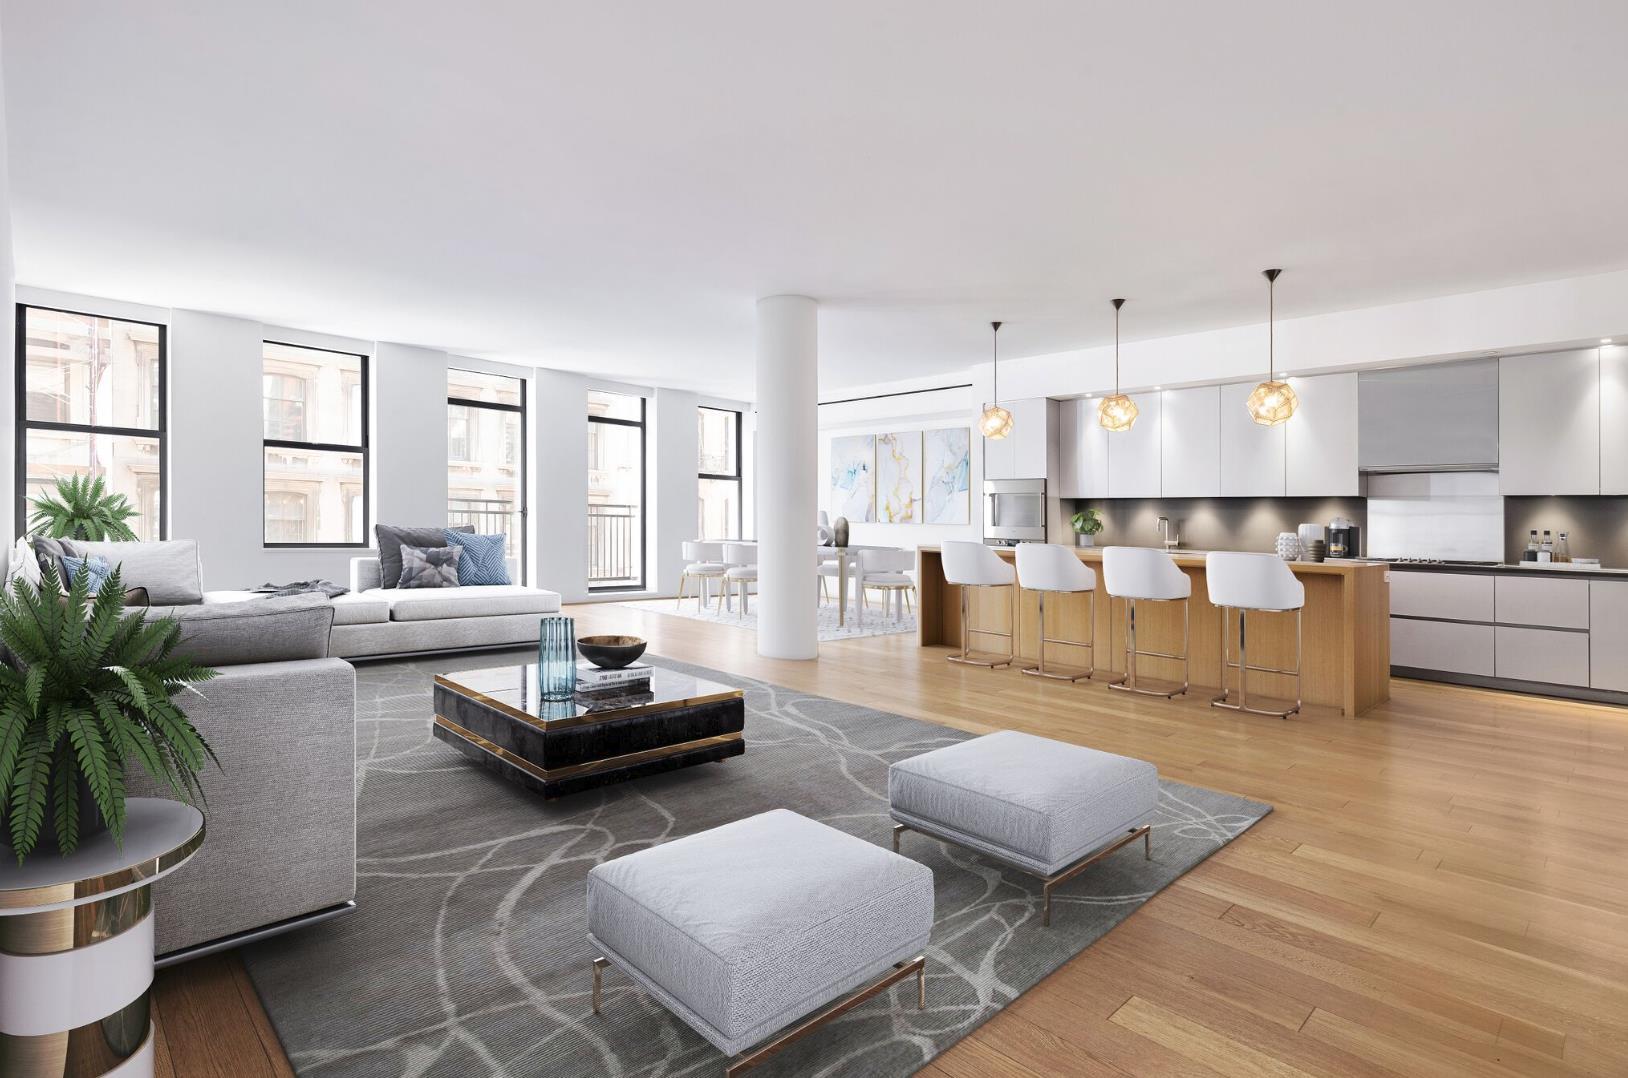 71 Reade Street, Apt 4-A, Manhattan, New York 10007